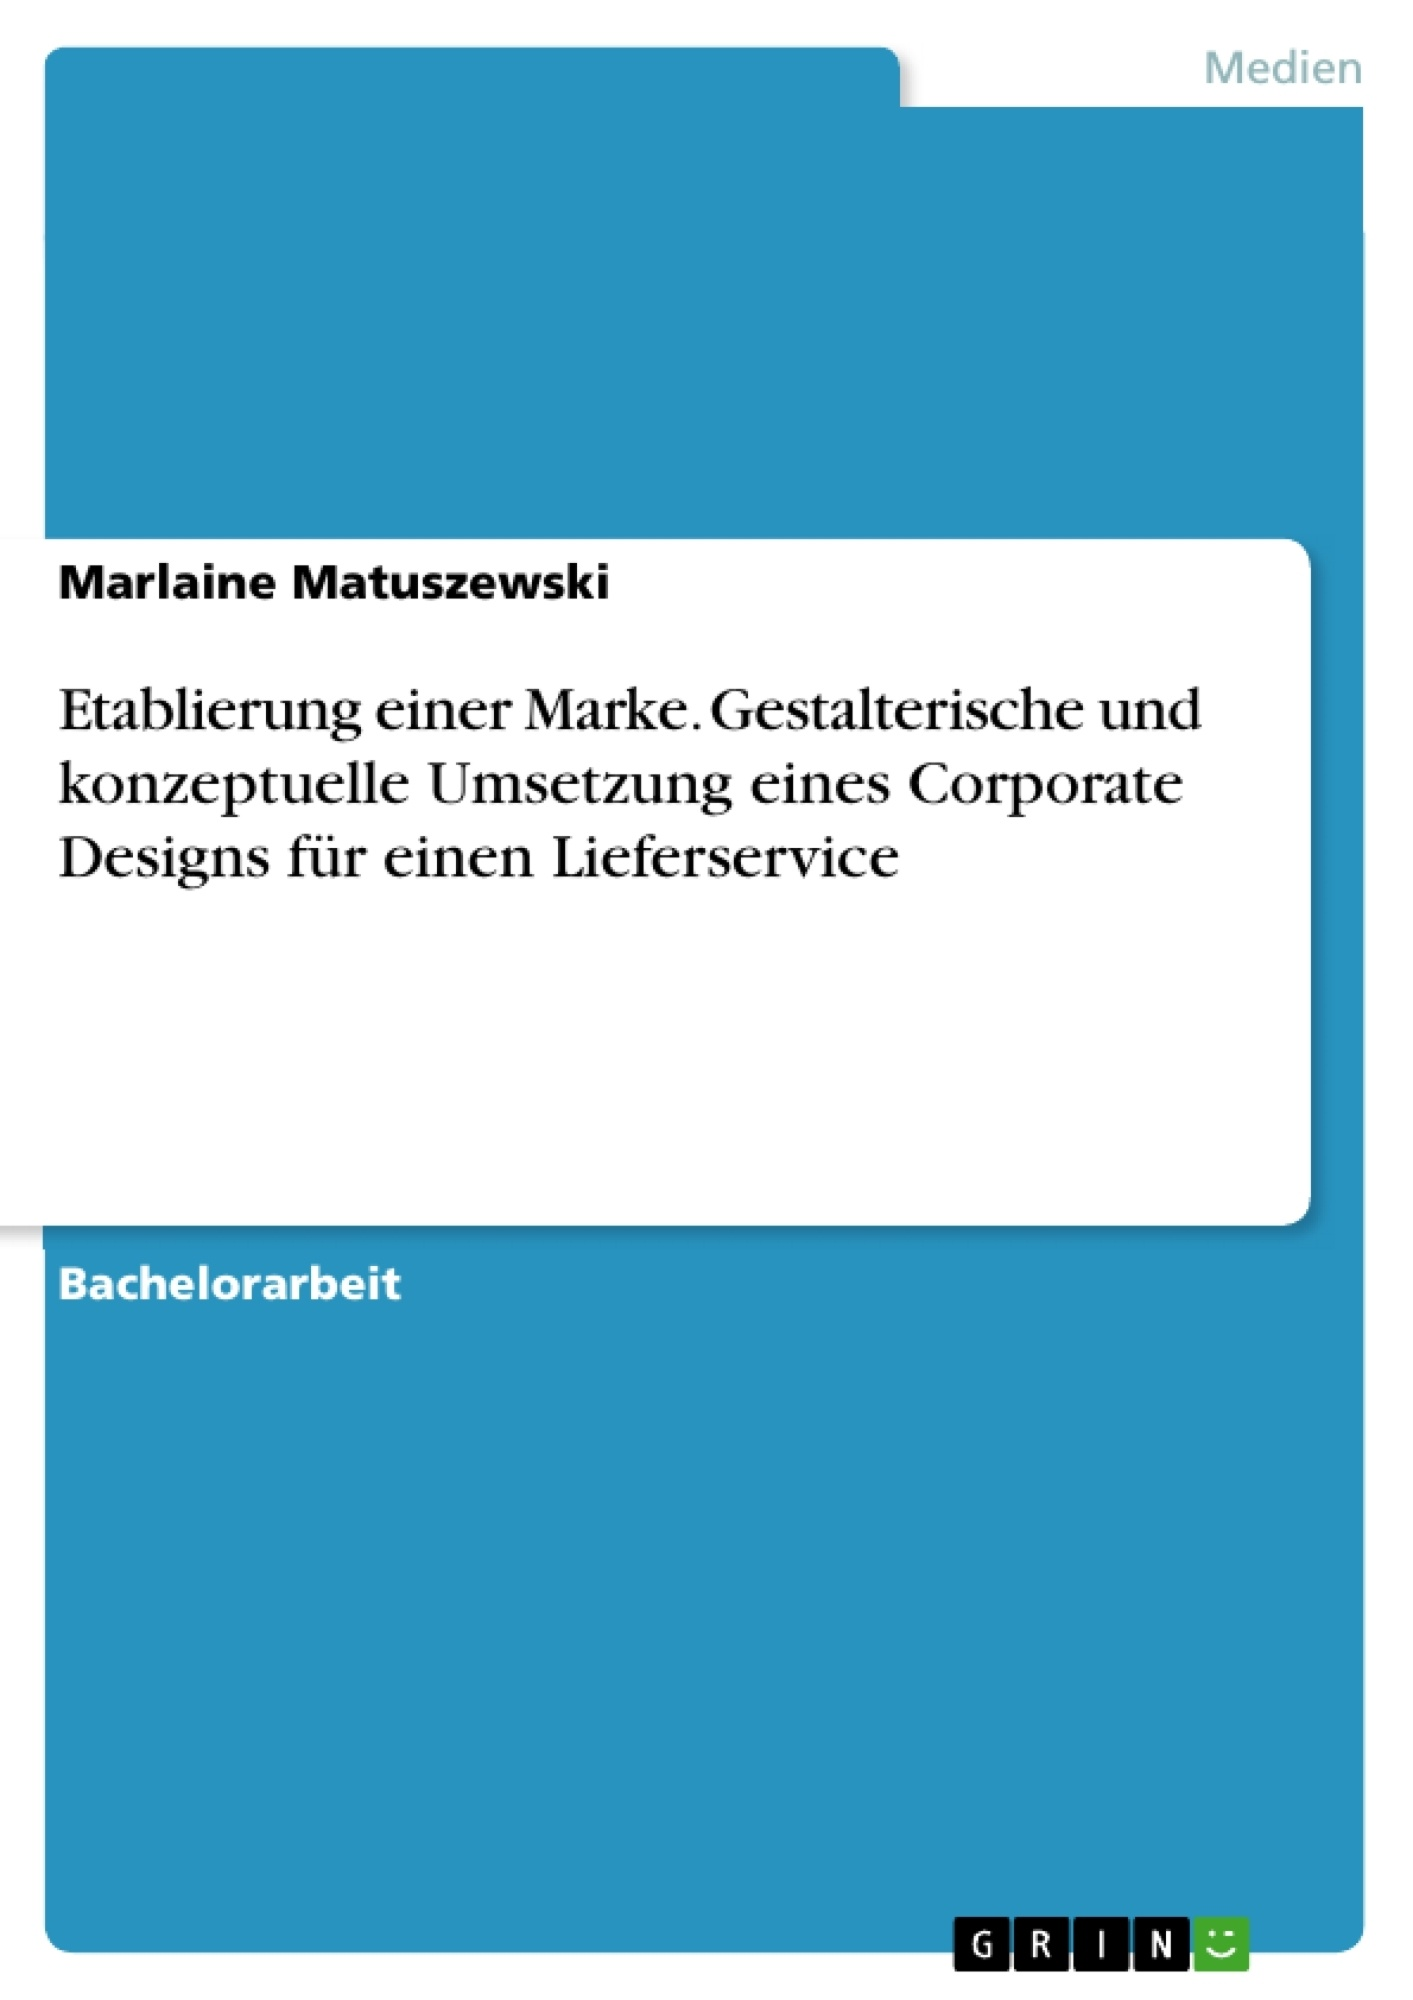 Titel: Etablierung einer Marke. Gestalterische und konzeptuelle Umsetzung eines Corporate Designs für einen Lieferservice